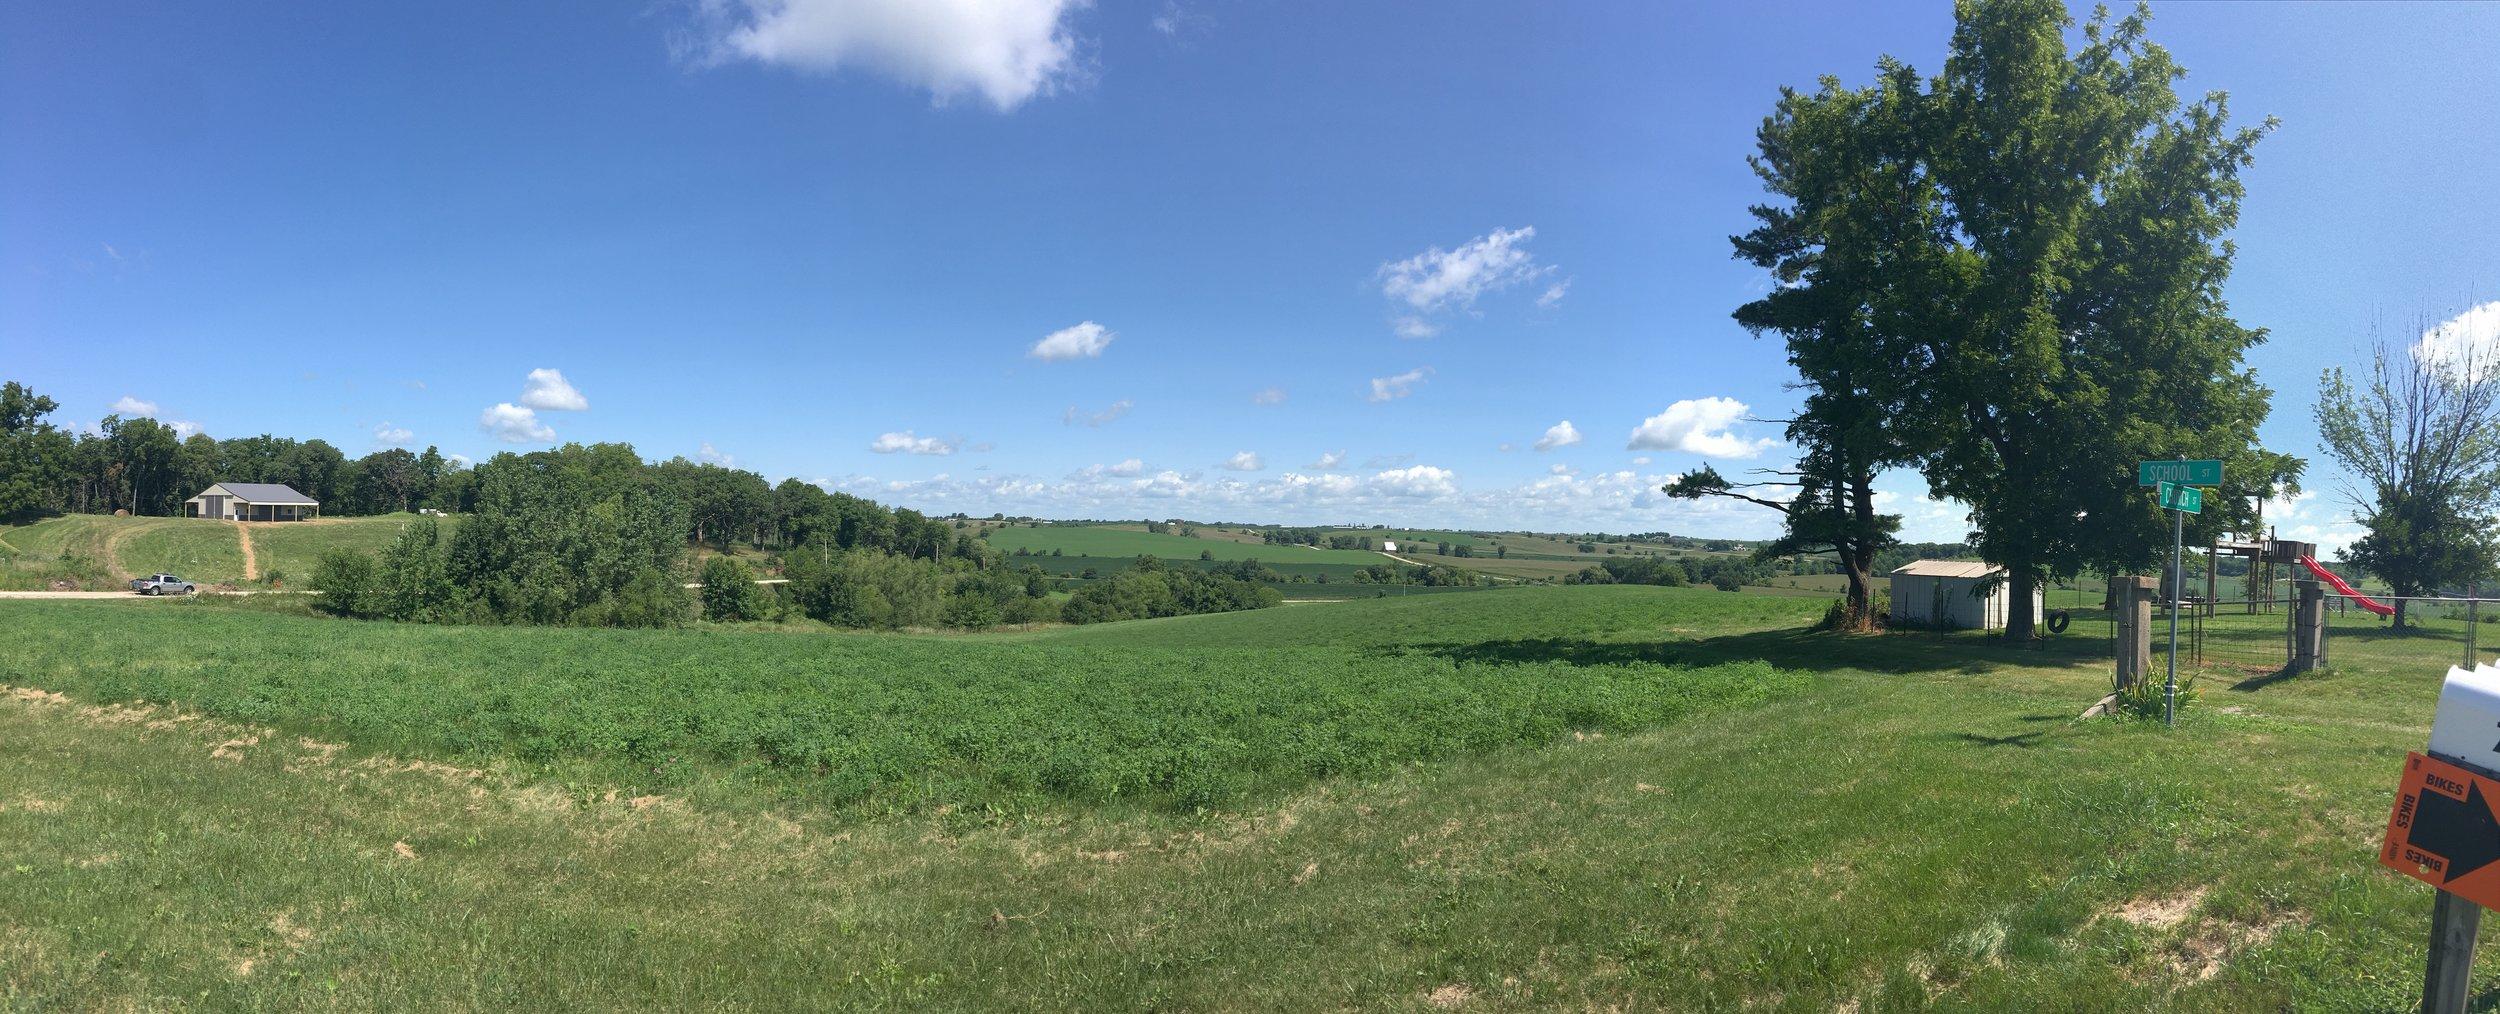 Panorama of views in Deep River